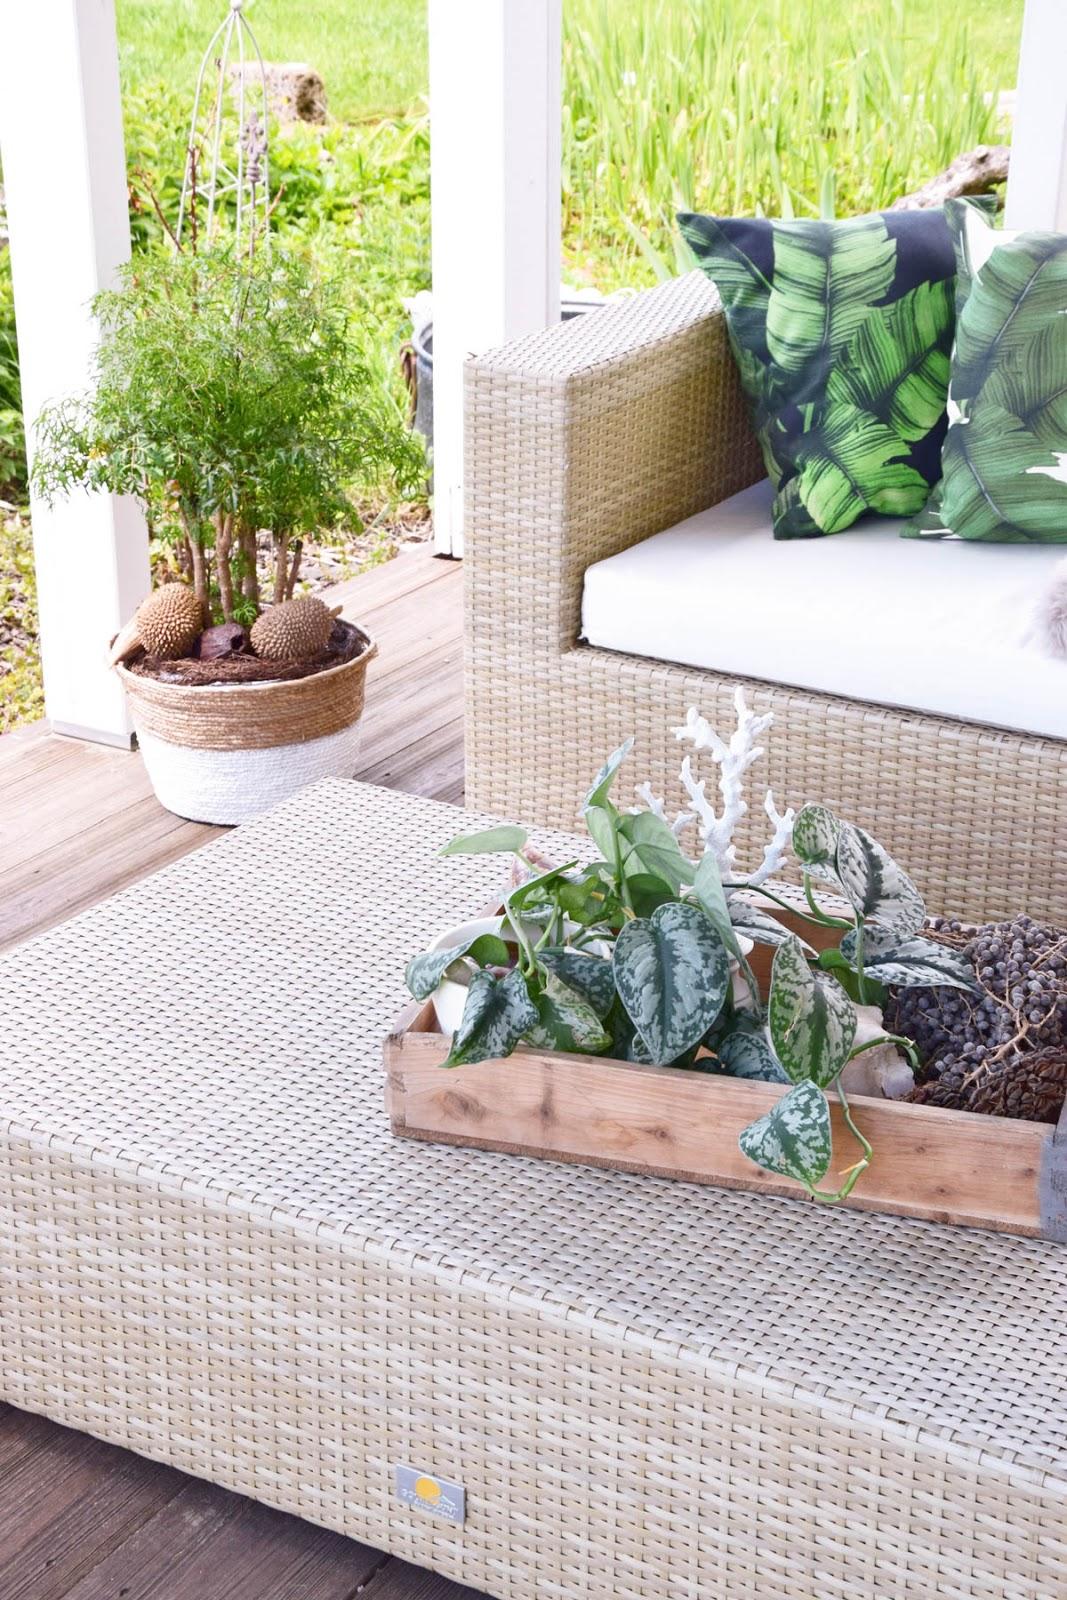 sommer lounge veranda terrasse deko dekoration urban jungle natürlich